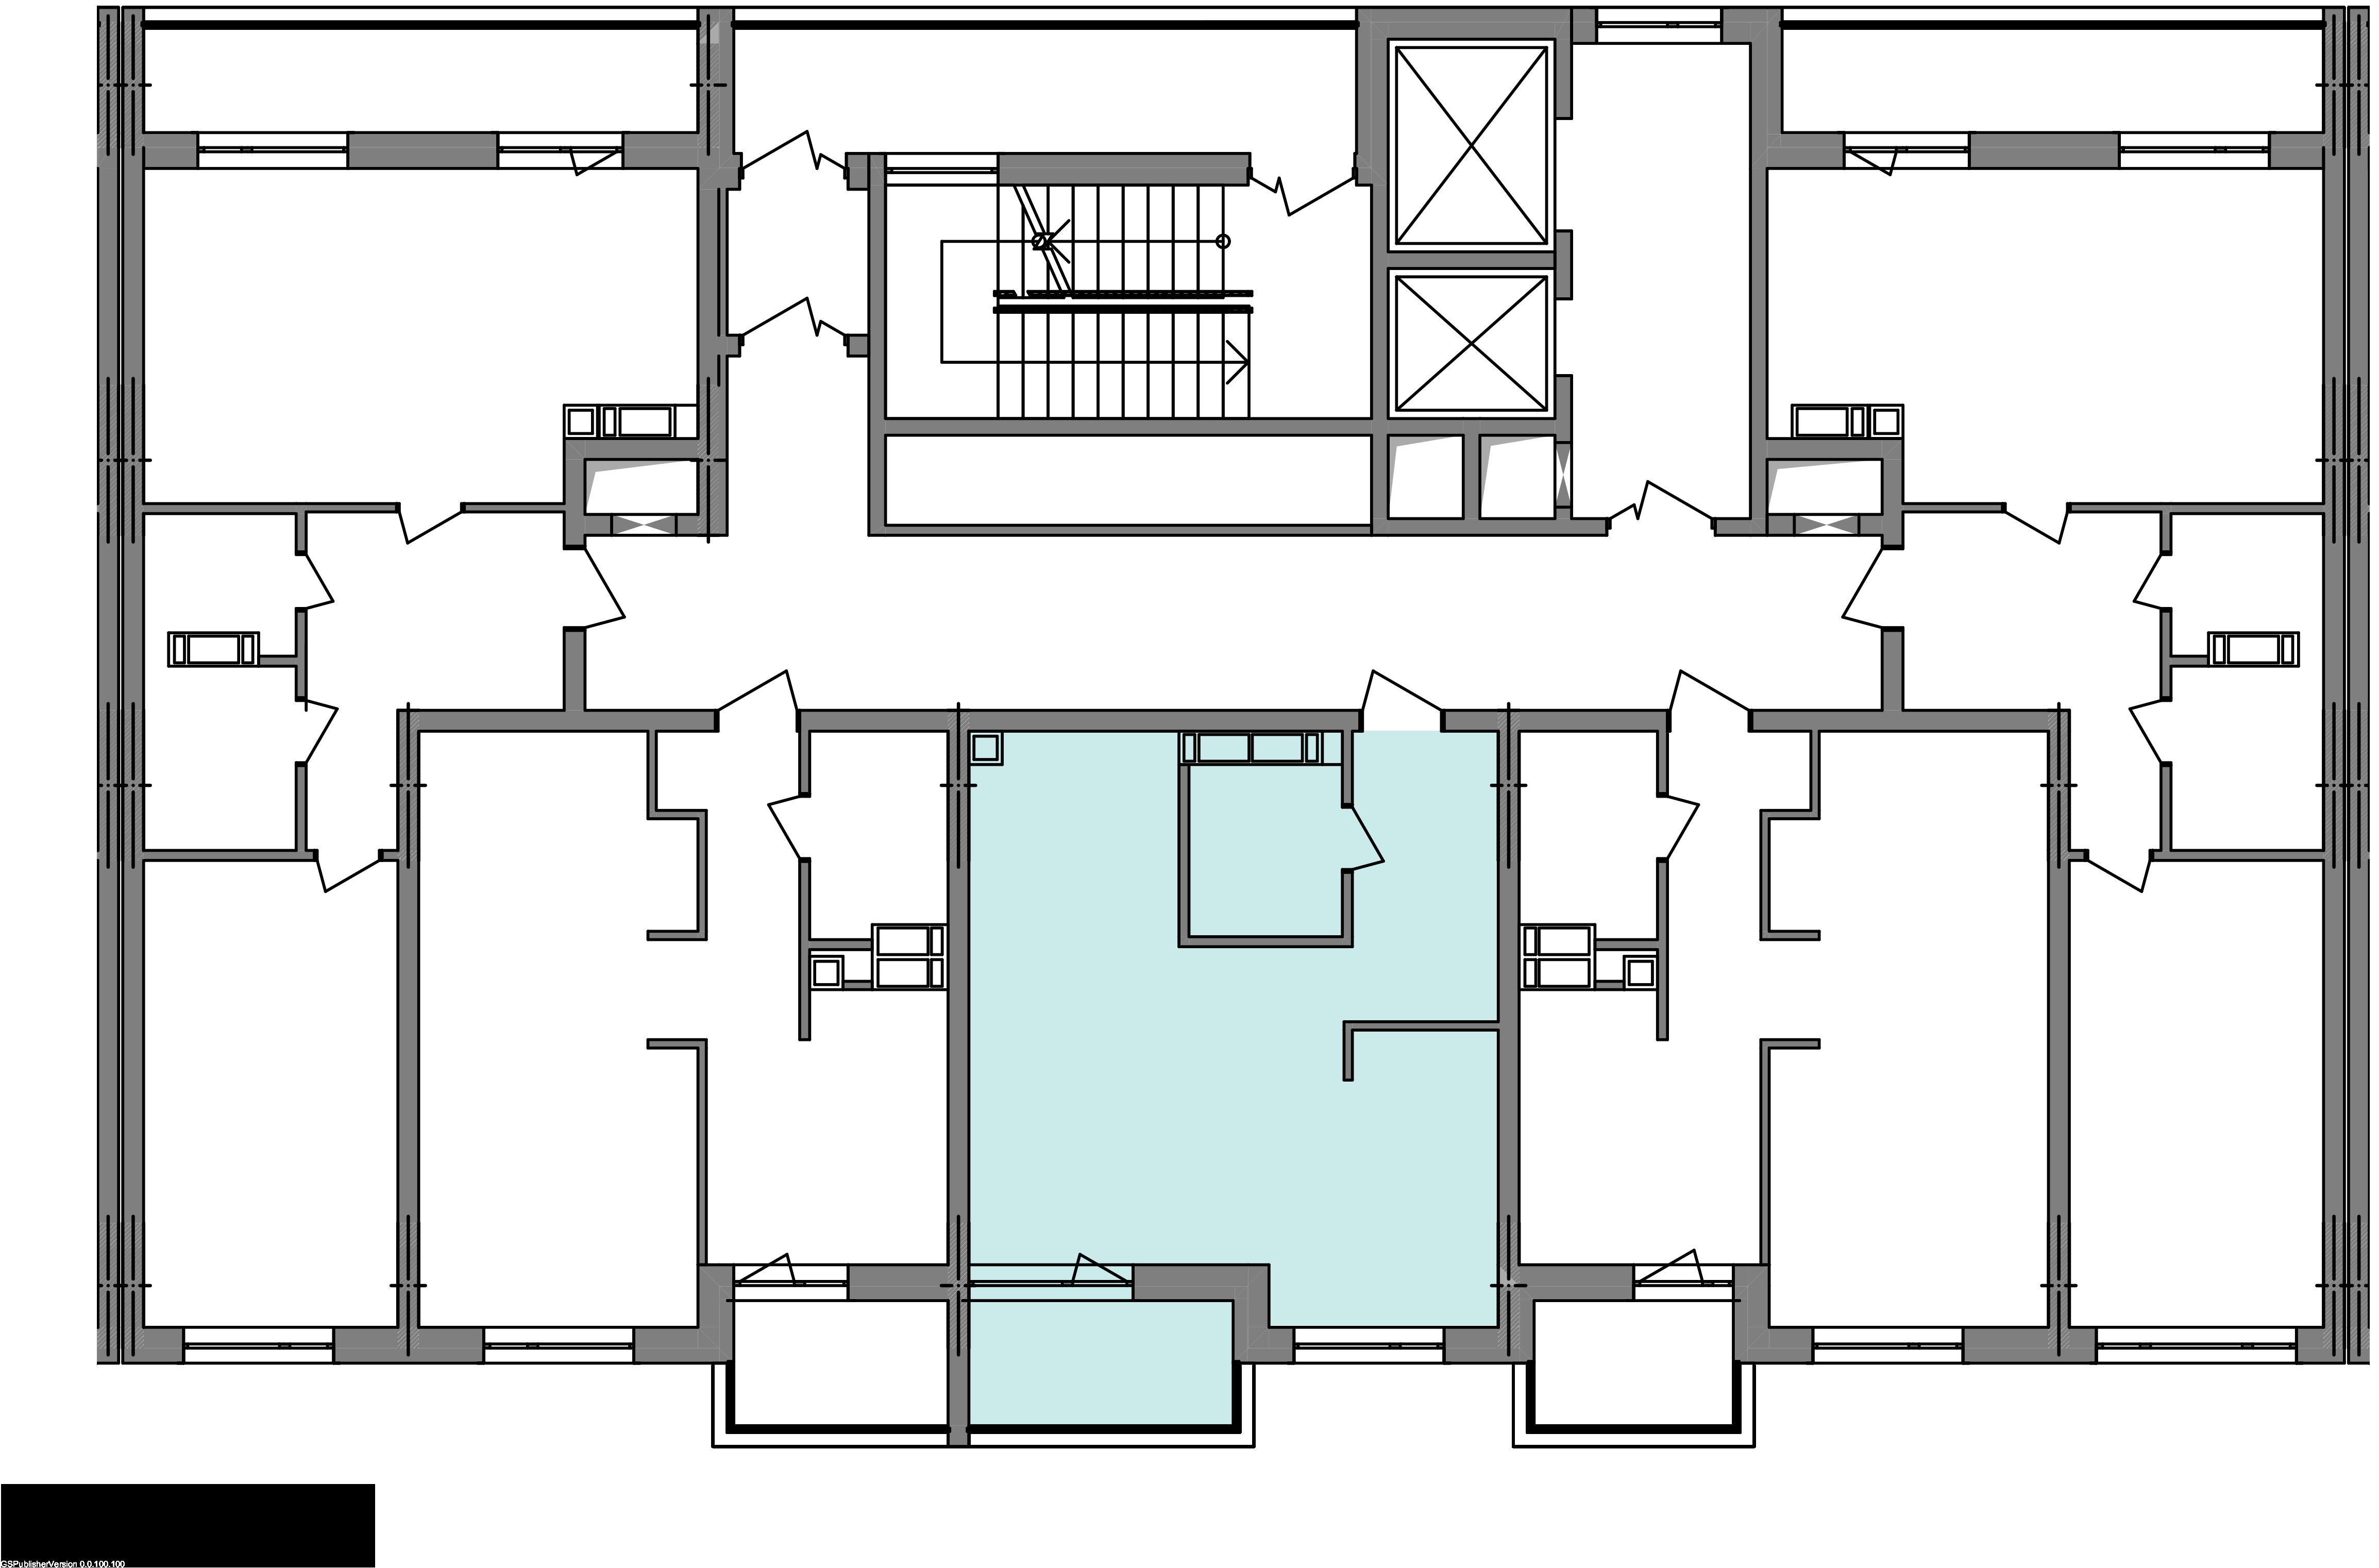 Однокімнатна квартира 40,78 кв.м., тип 1.5, будинок 3 секція 2 розташування на поверсі